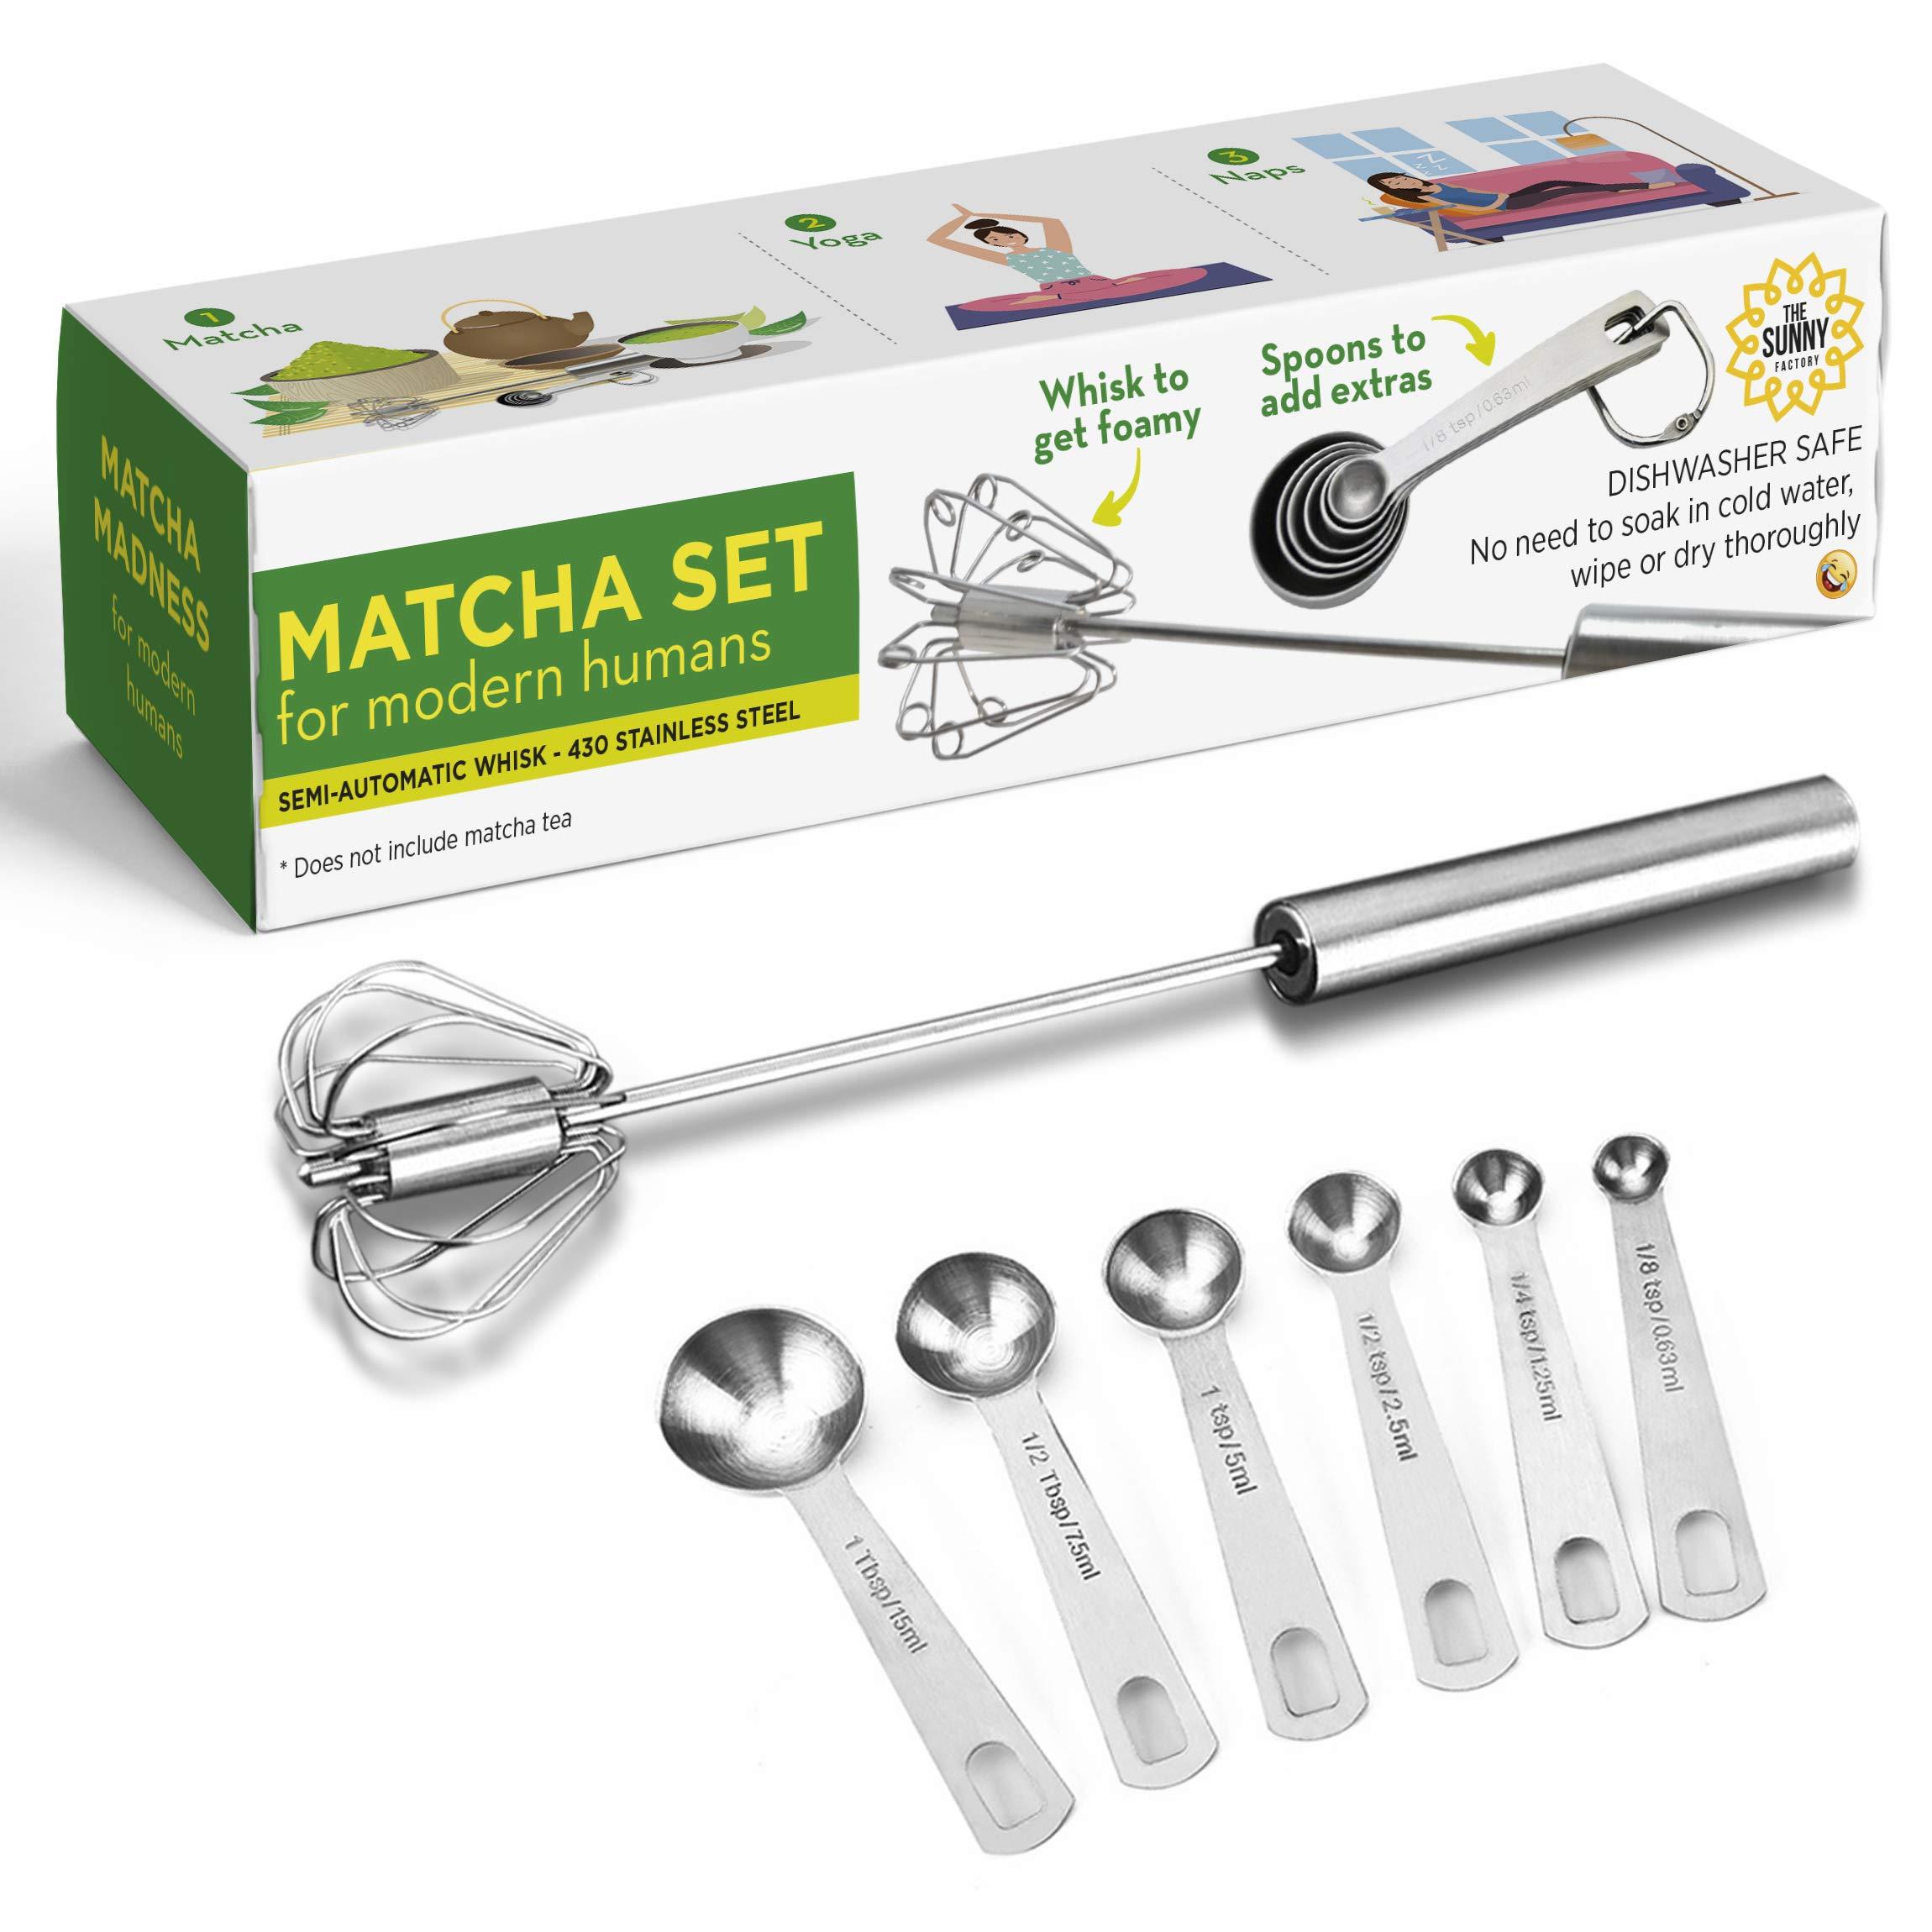 Matcha Set For Modern Humans - Hand Push Whisk Blender + Measuring Spoons - Versatile Tool for Milk Frother, Mixer Stirrer, Egg Beater - Kitchen Utensil for Blending, Whisking, Beating & Stirring